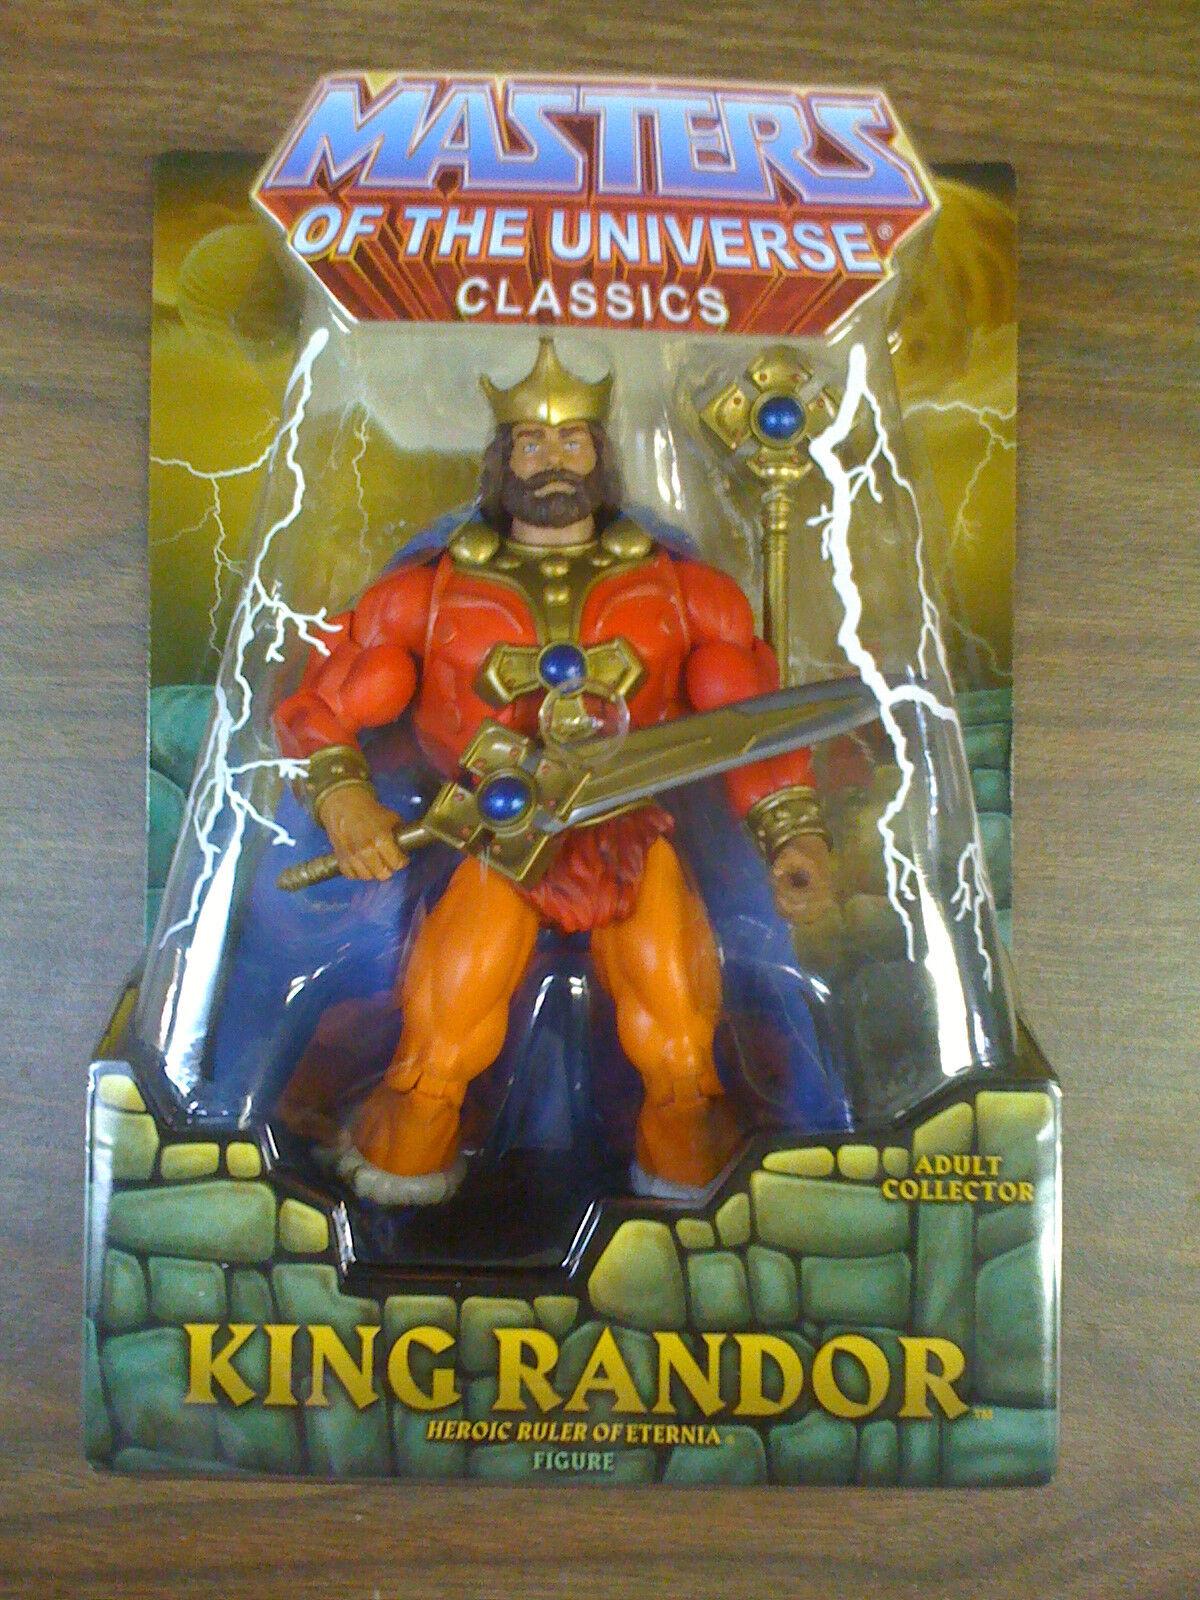 Masters del universo clásicos Mattel Rey Randor 1st impresión envíos a todo el mundo